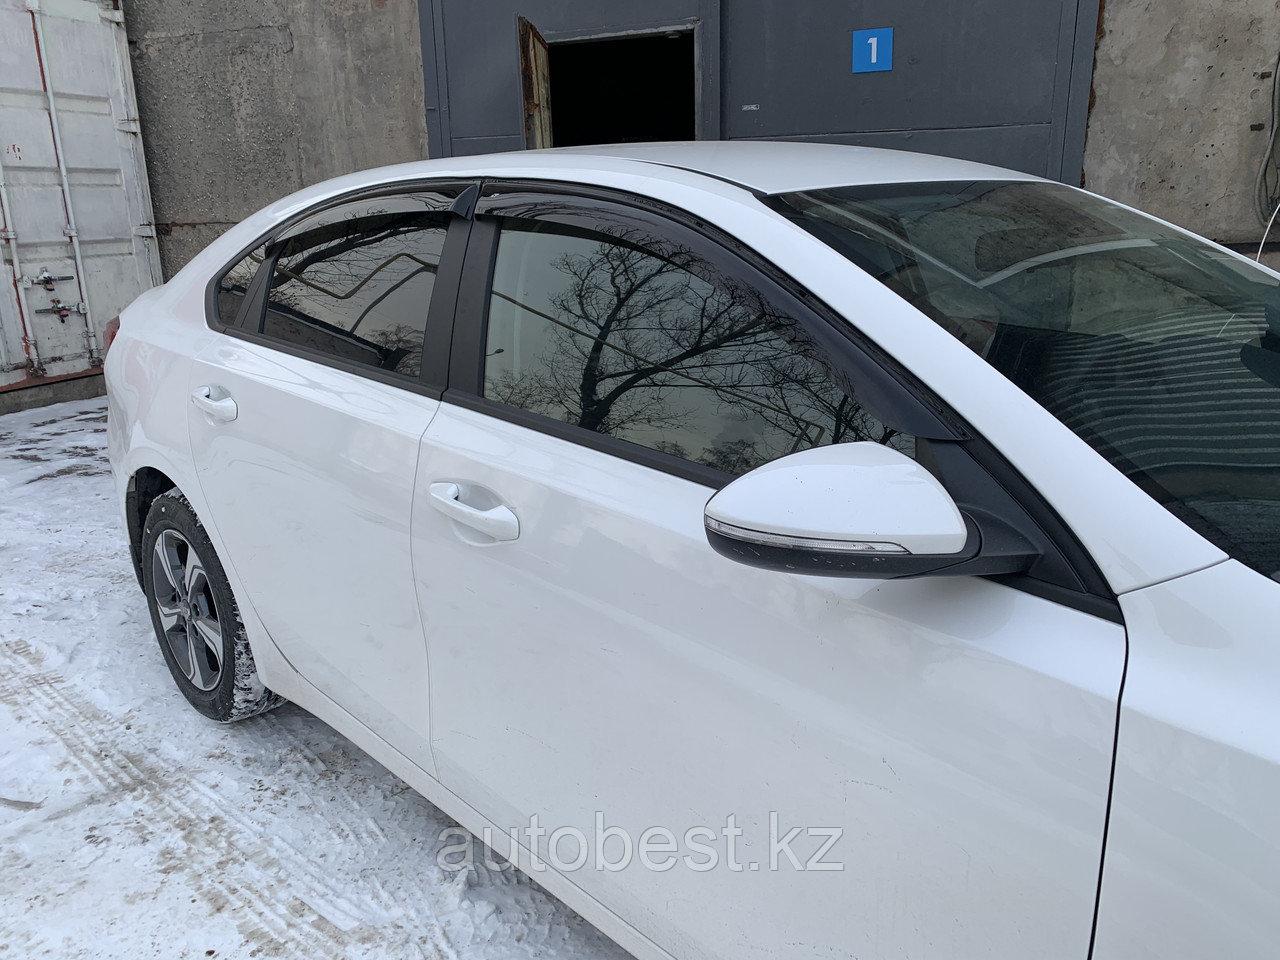 Ветровики Kia Cerato 2018 2019 2020 2021 КИА Церато Серато дефлектор на окна ветровик